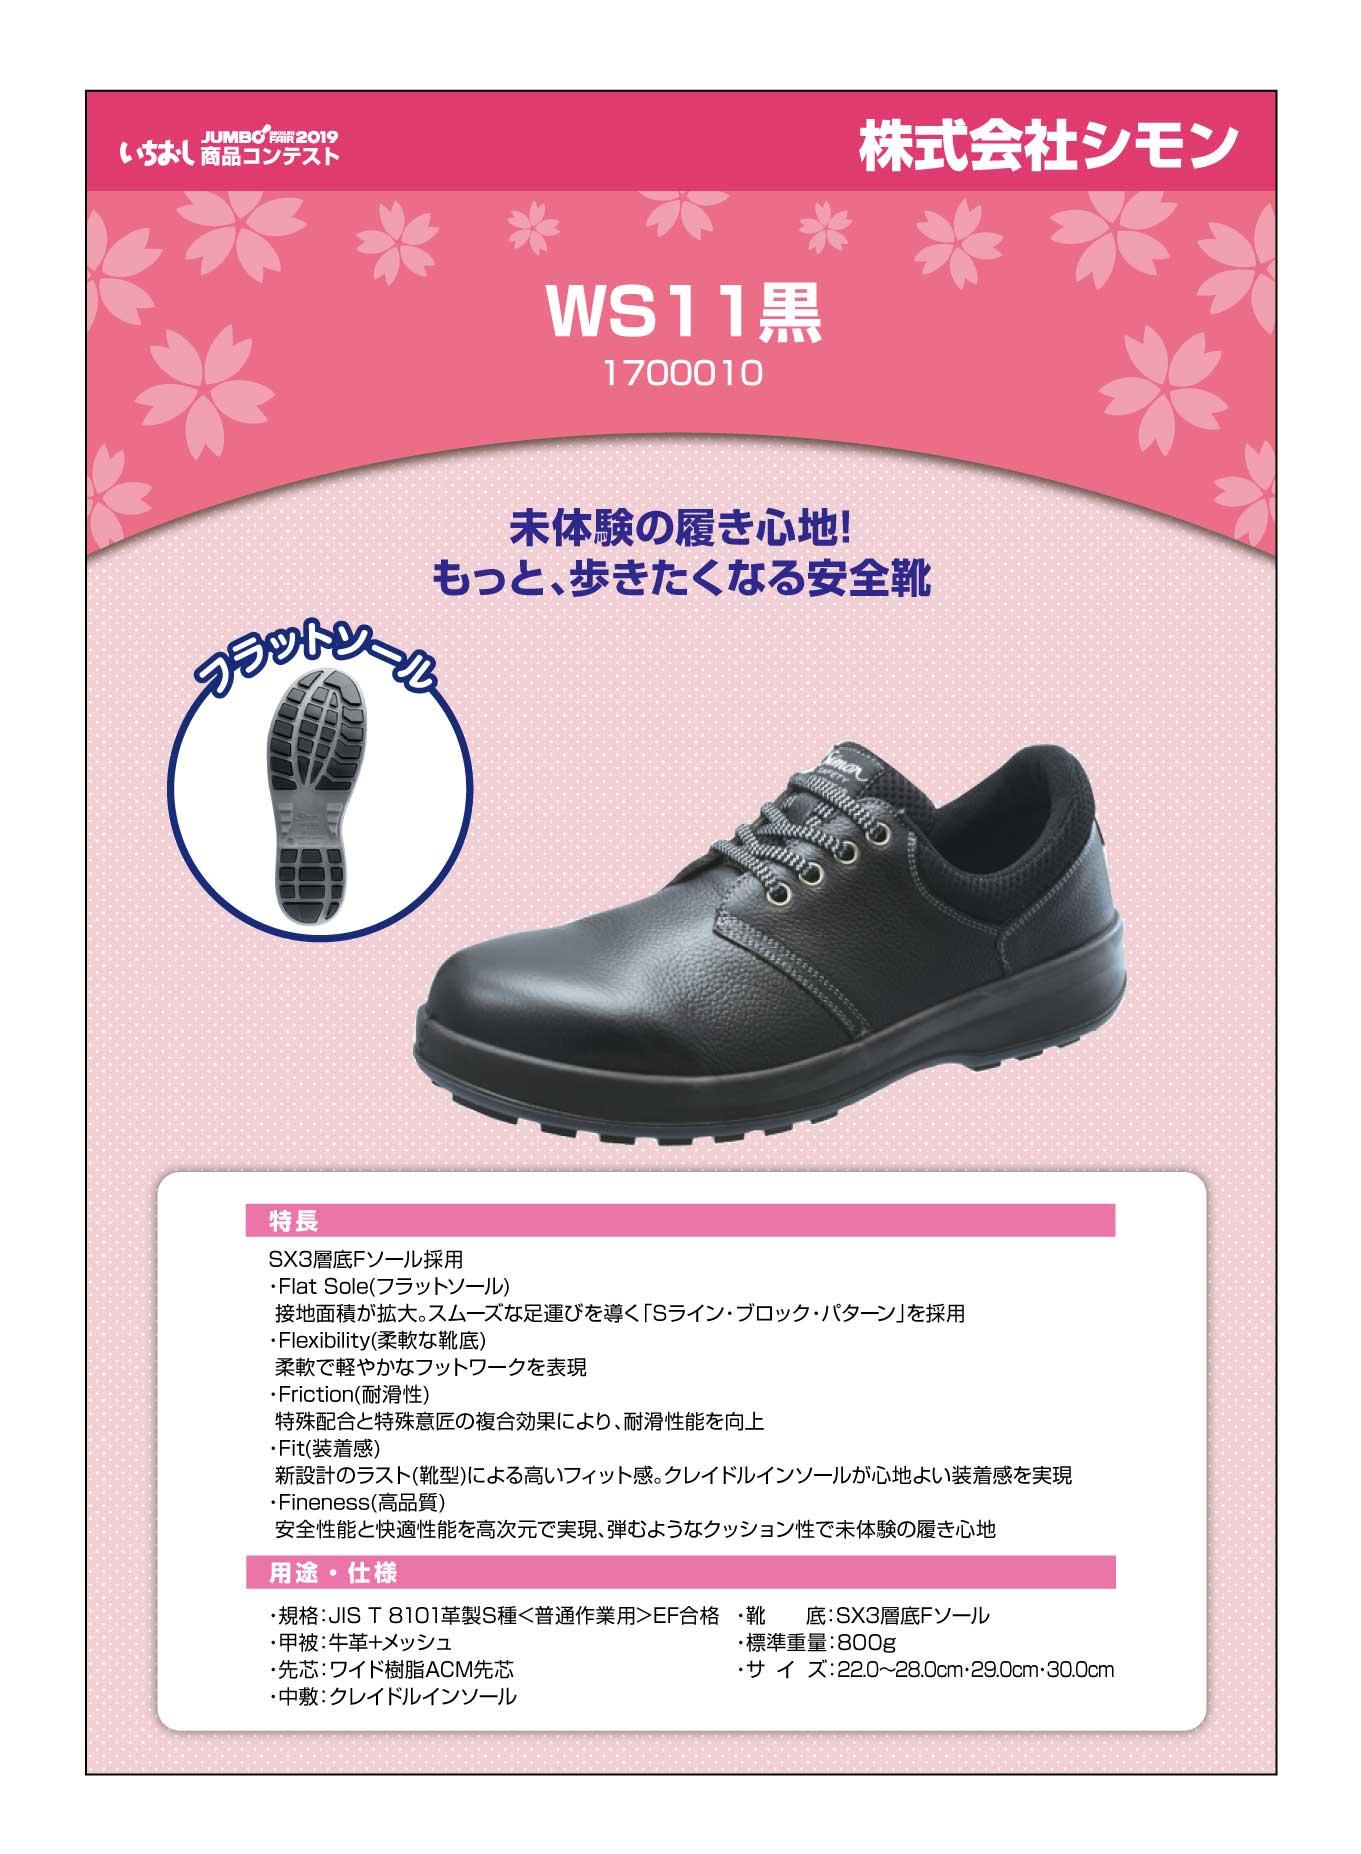 「安全靴 WS11黒」株式会社シモンの画像